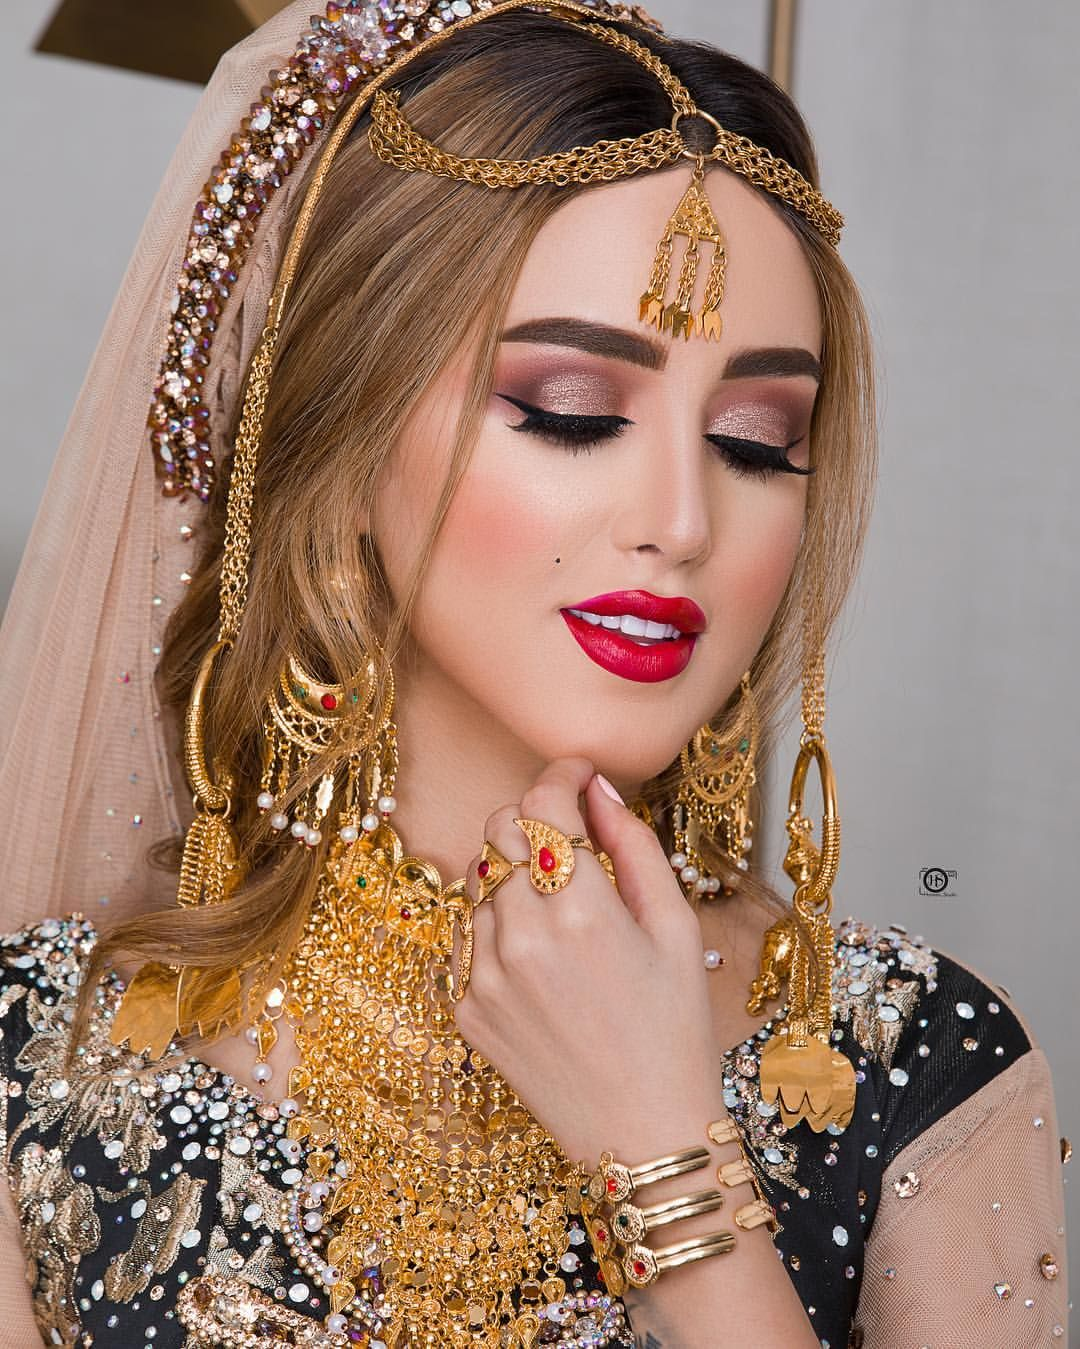 دبي فجيرة الأمارات شعر ستايل لوك تسريحات تسريحة صالون خبيرة تجميل فشن فشنيستا العين ابوظبي خد Pakistani Bridal Makeup Muslim Beauty Beauty Women